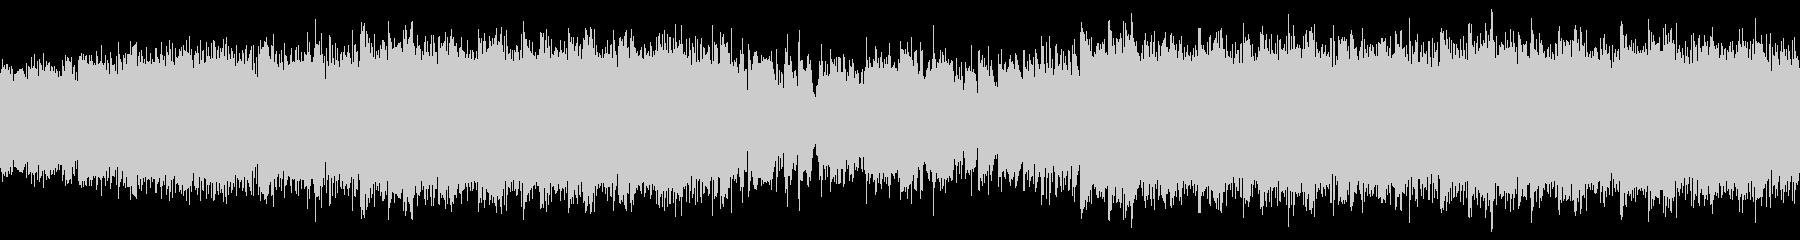 トロピカルで大人な夏のジャズ・ループの未再生の波形